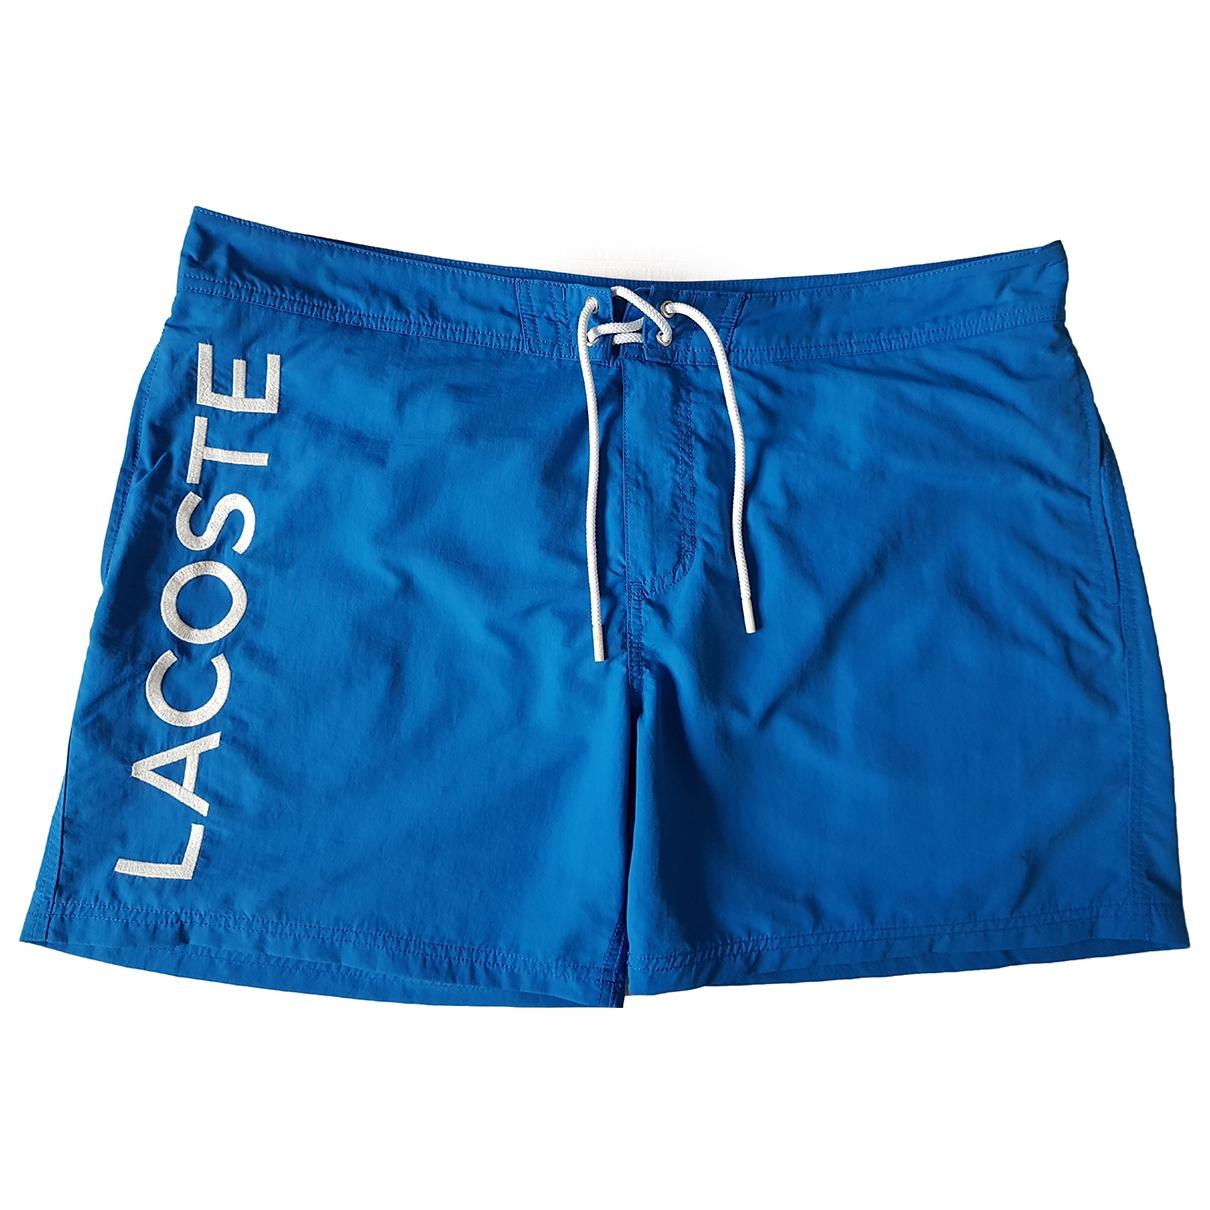 Lacoste \N Badeanzug in  Blau Polyester